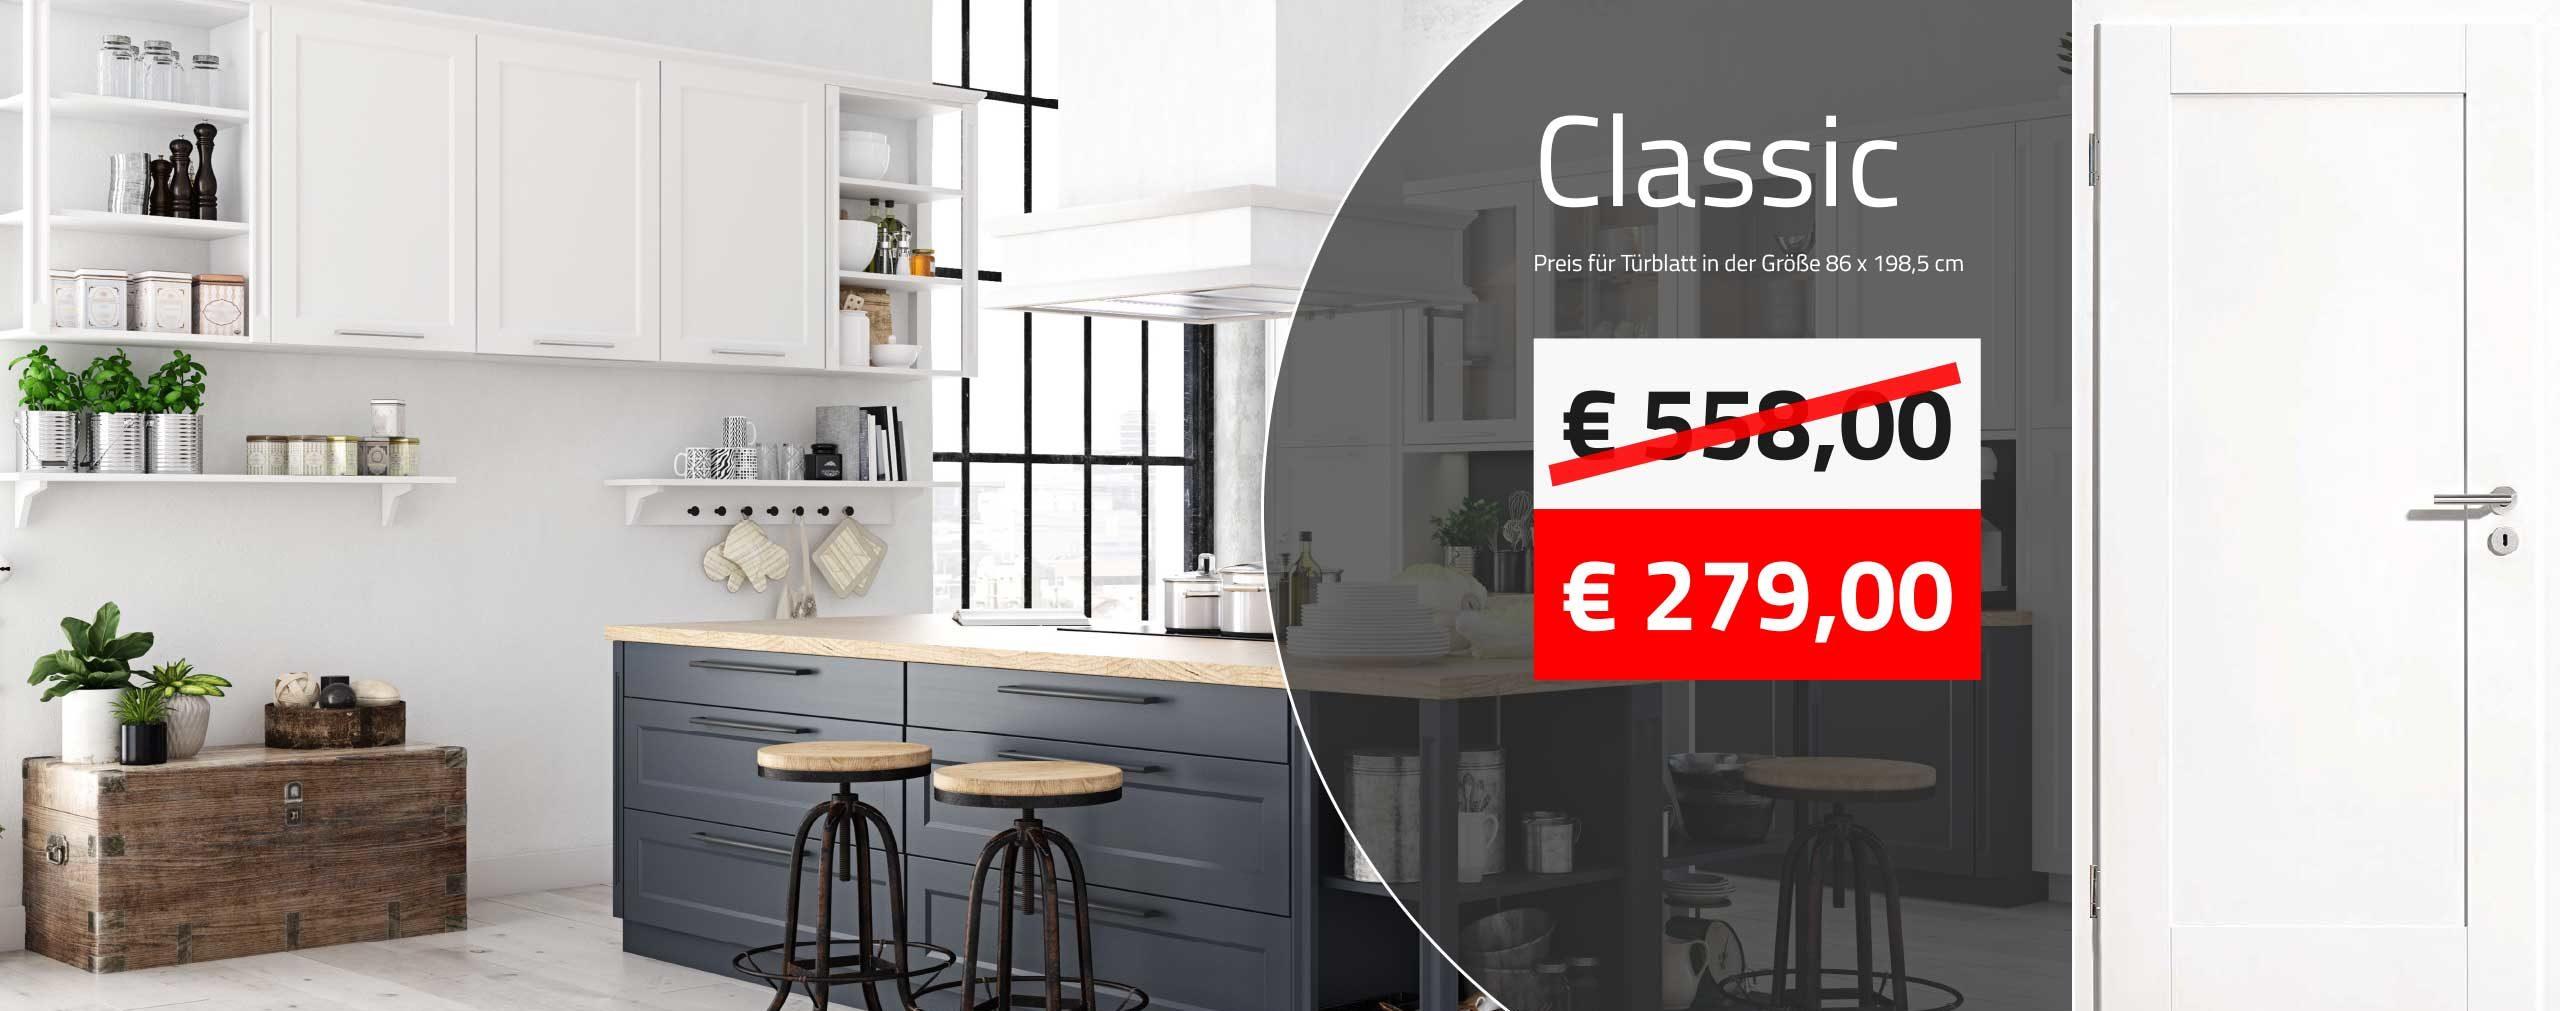 Innentüren kaufen - weiße Füllungstüre mit eckigen Kanten ab 279,00 € kaufen